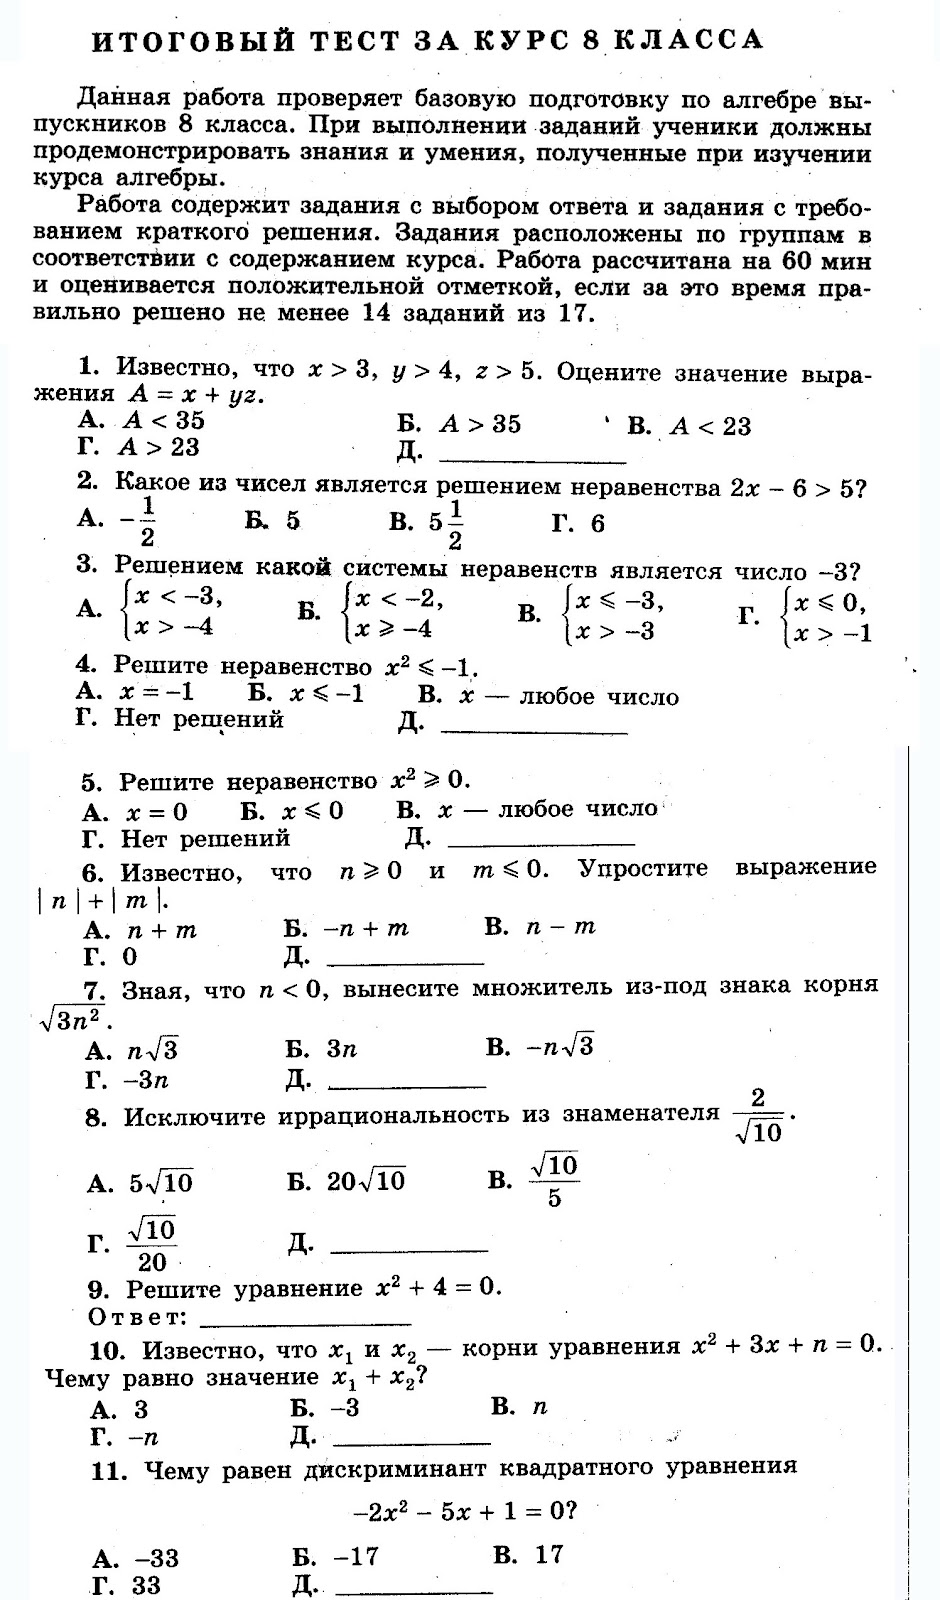 Итоговый тест по геометрия за курс 9 класс